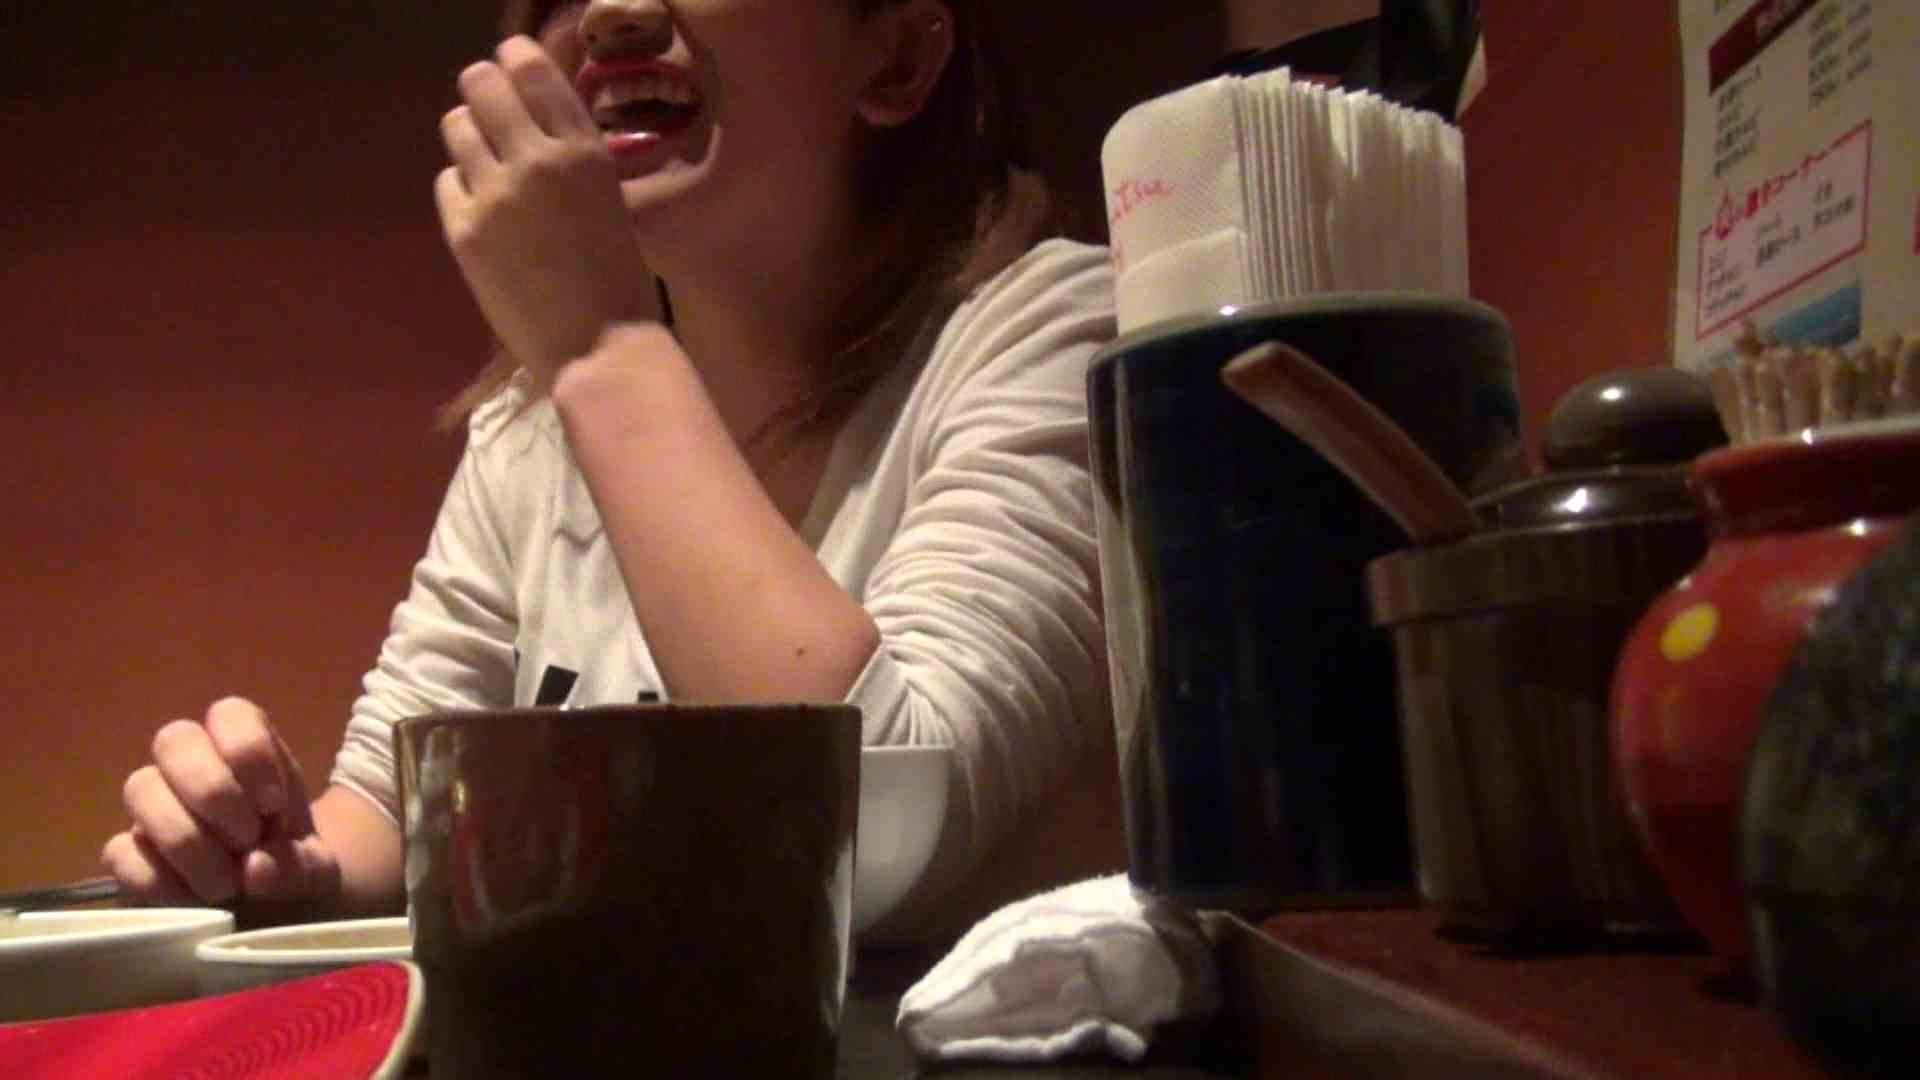 【出会い01】大助さんMちゃんと食事会 エッチすぎる友人   悪戯  54連発 23